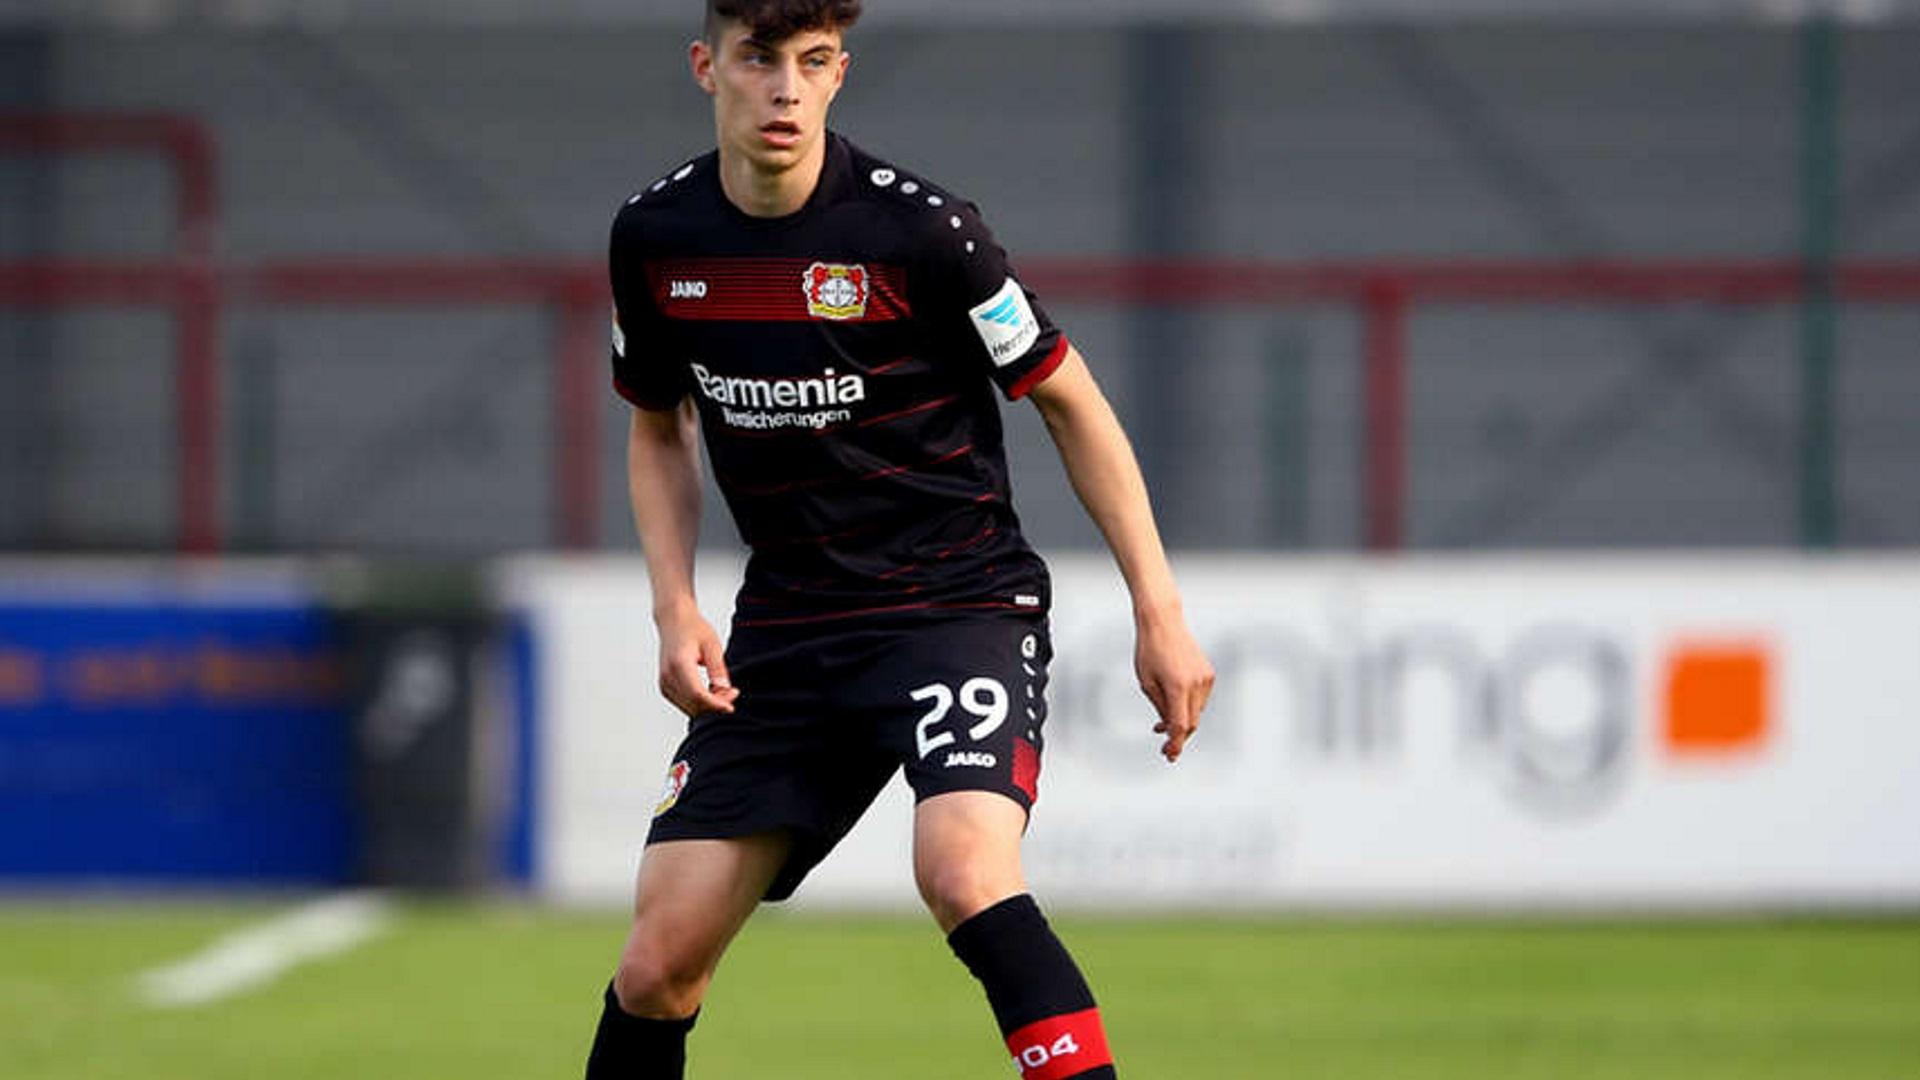 El alemán Kai Havertz (Bayer Leverkusen) USD 83,2 millones